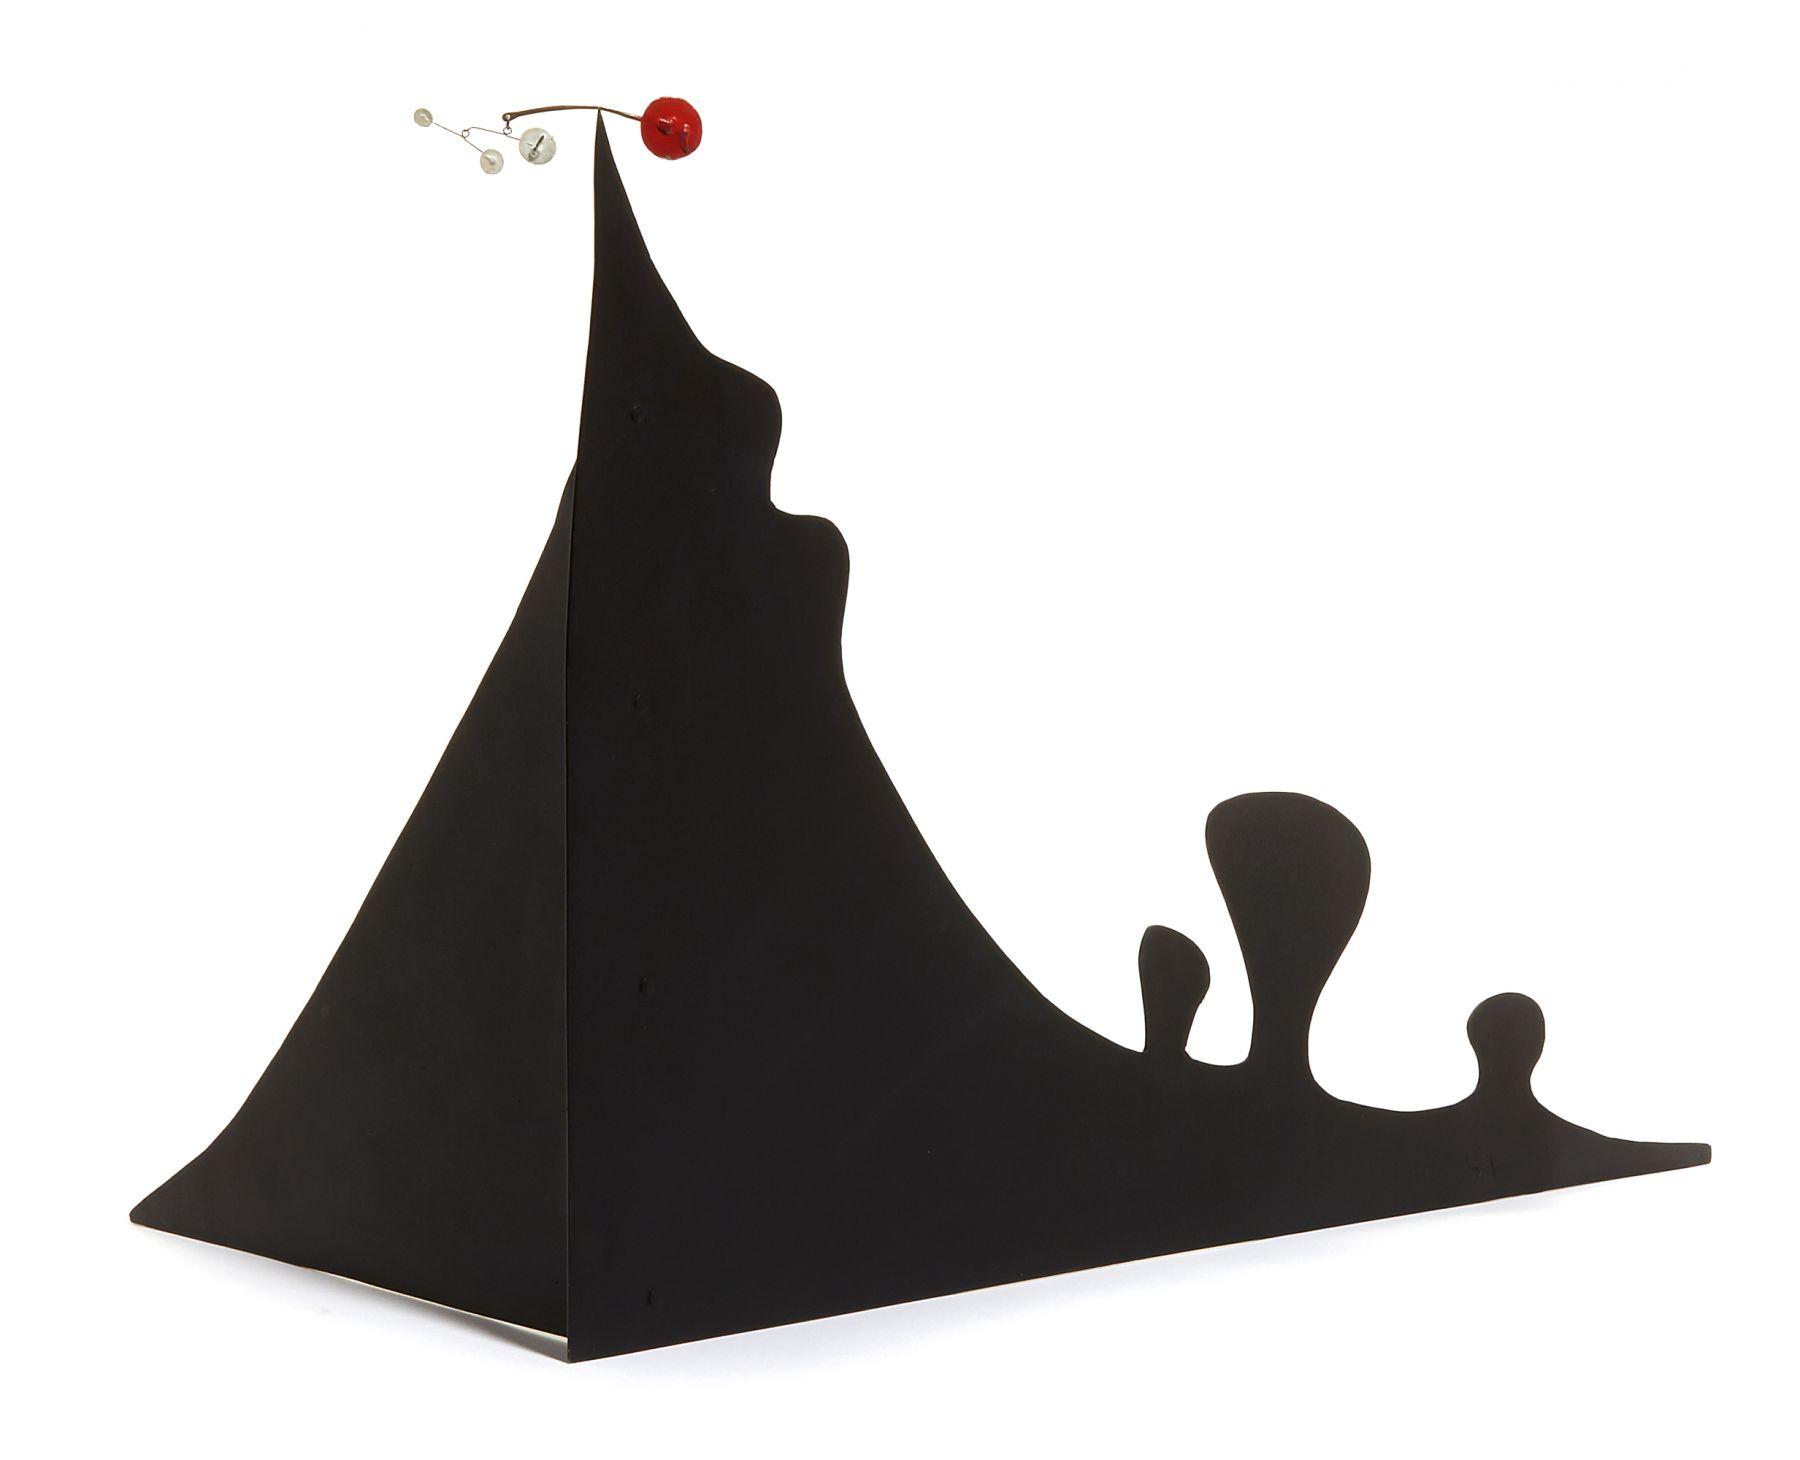 Alexander Calder The Mountain, 1960